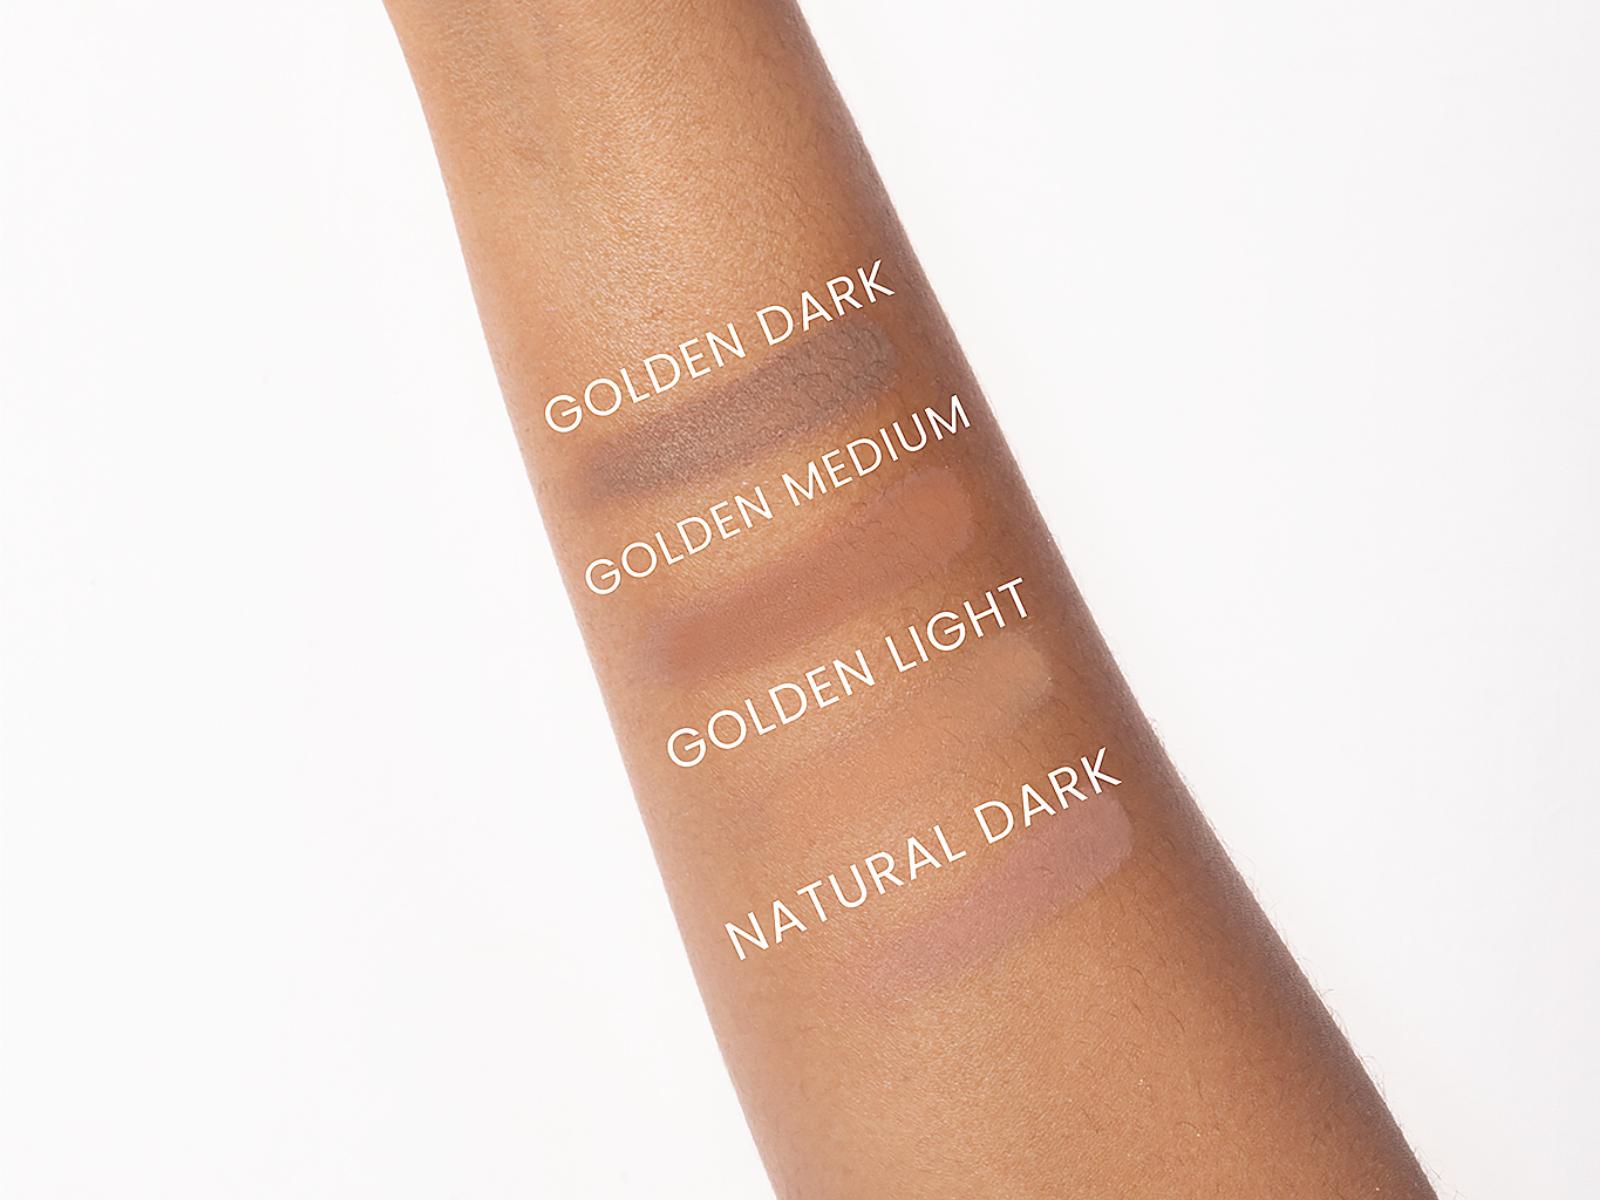 Swatche ciemnych podkładów Annabelle Minerals do konturowania twarzy: Golden Dark, Golden Medium, Golden Light, Natural Dark